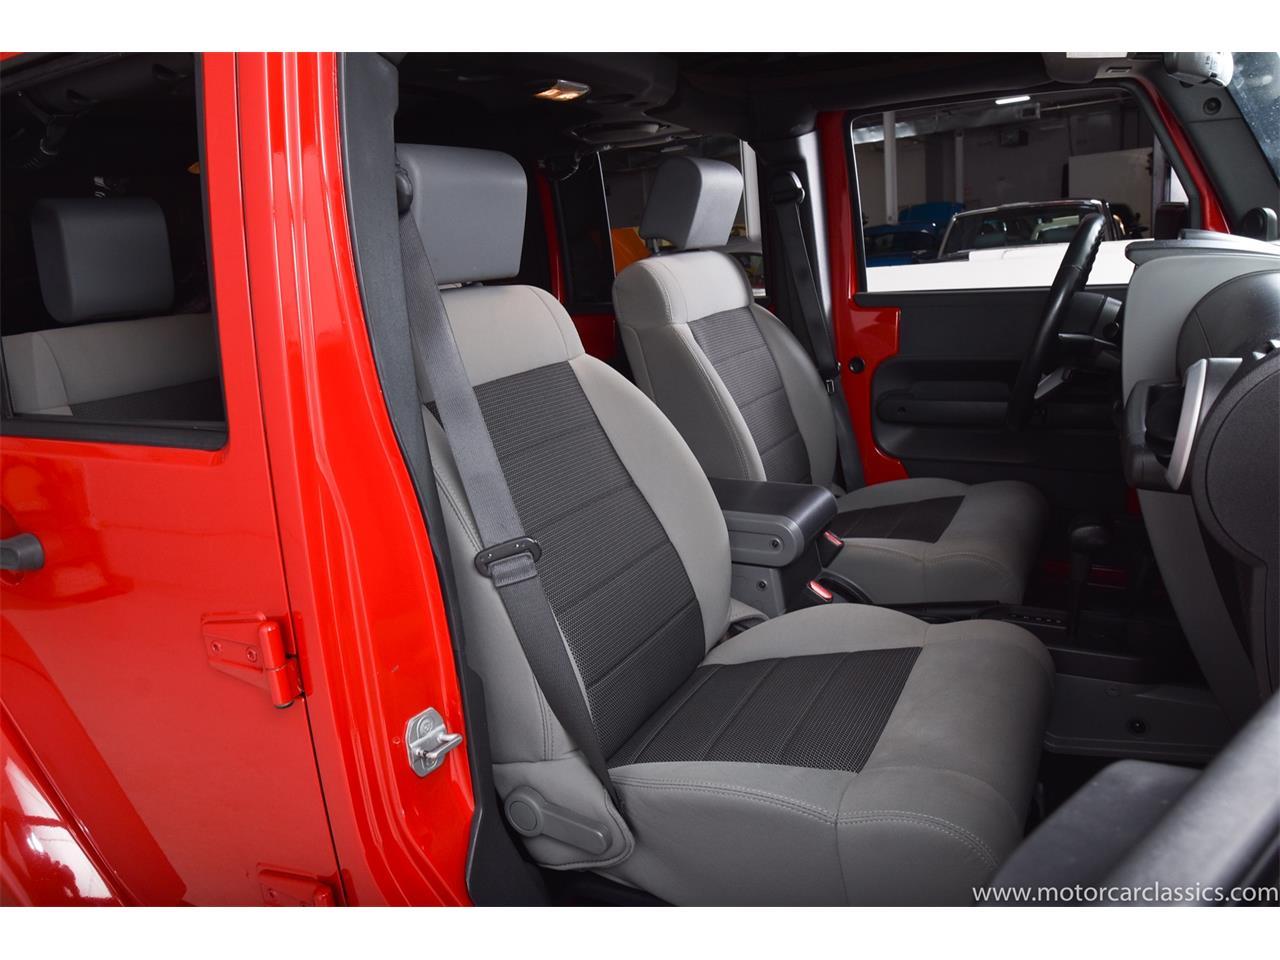 2010 Jeep Wrangler (CC-1358311) for sale in Farmingdale, New York